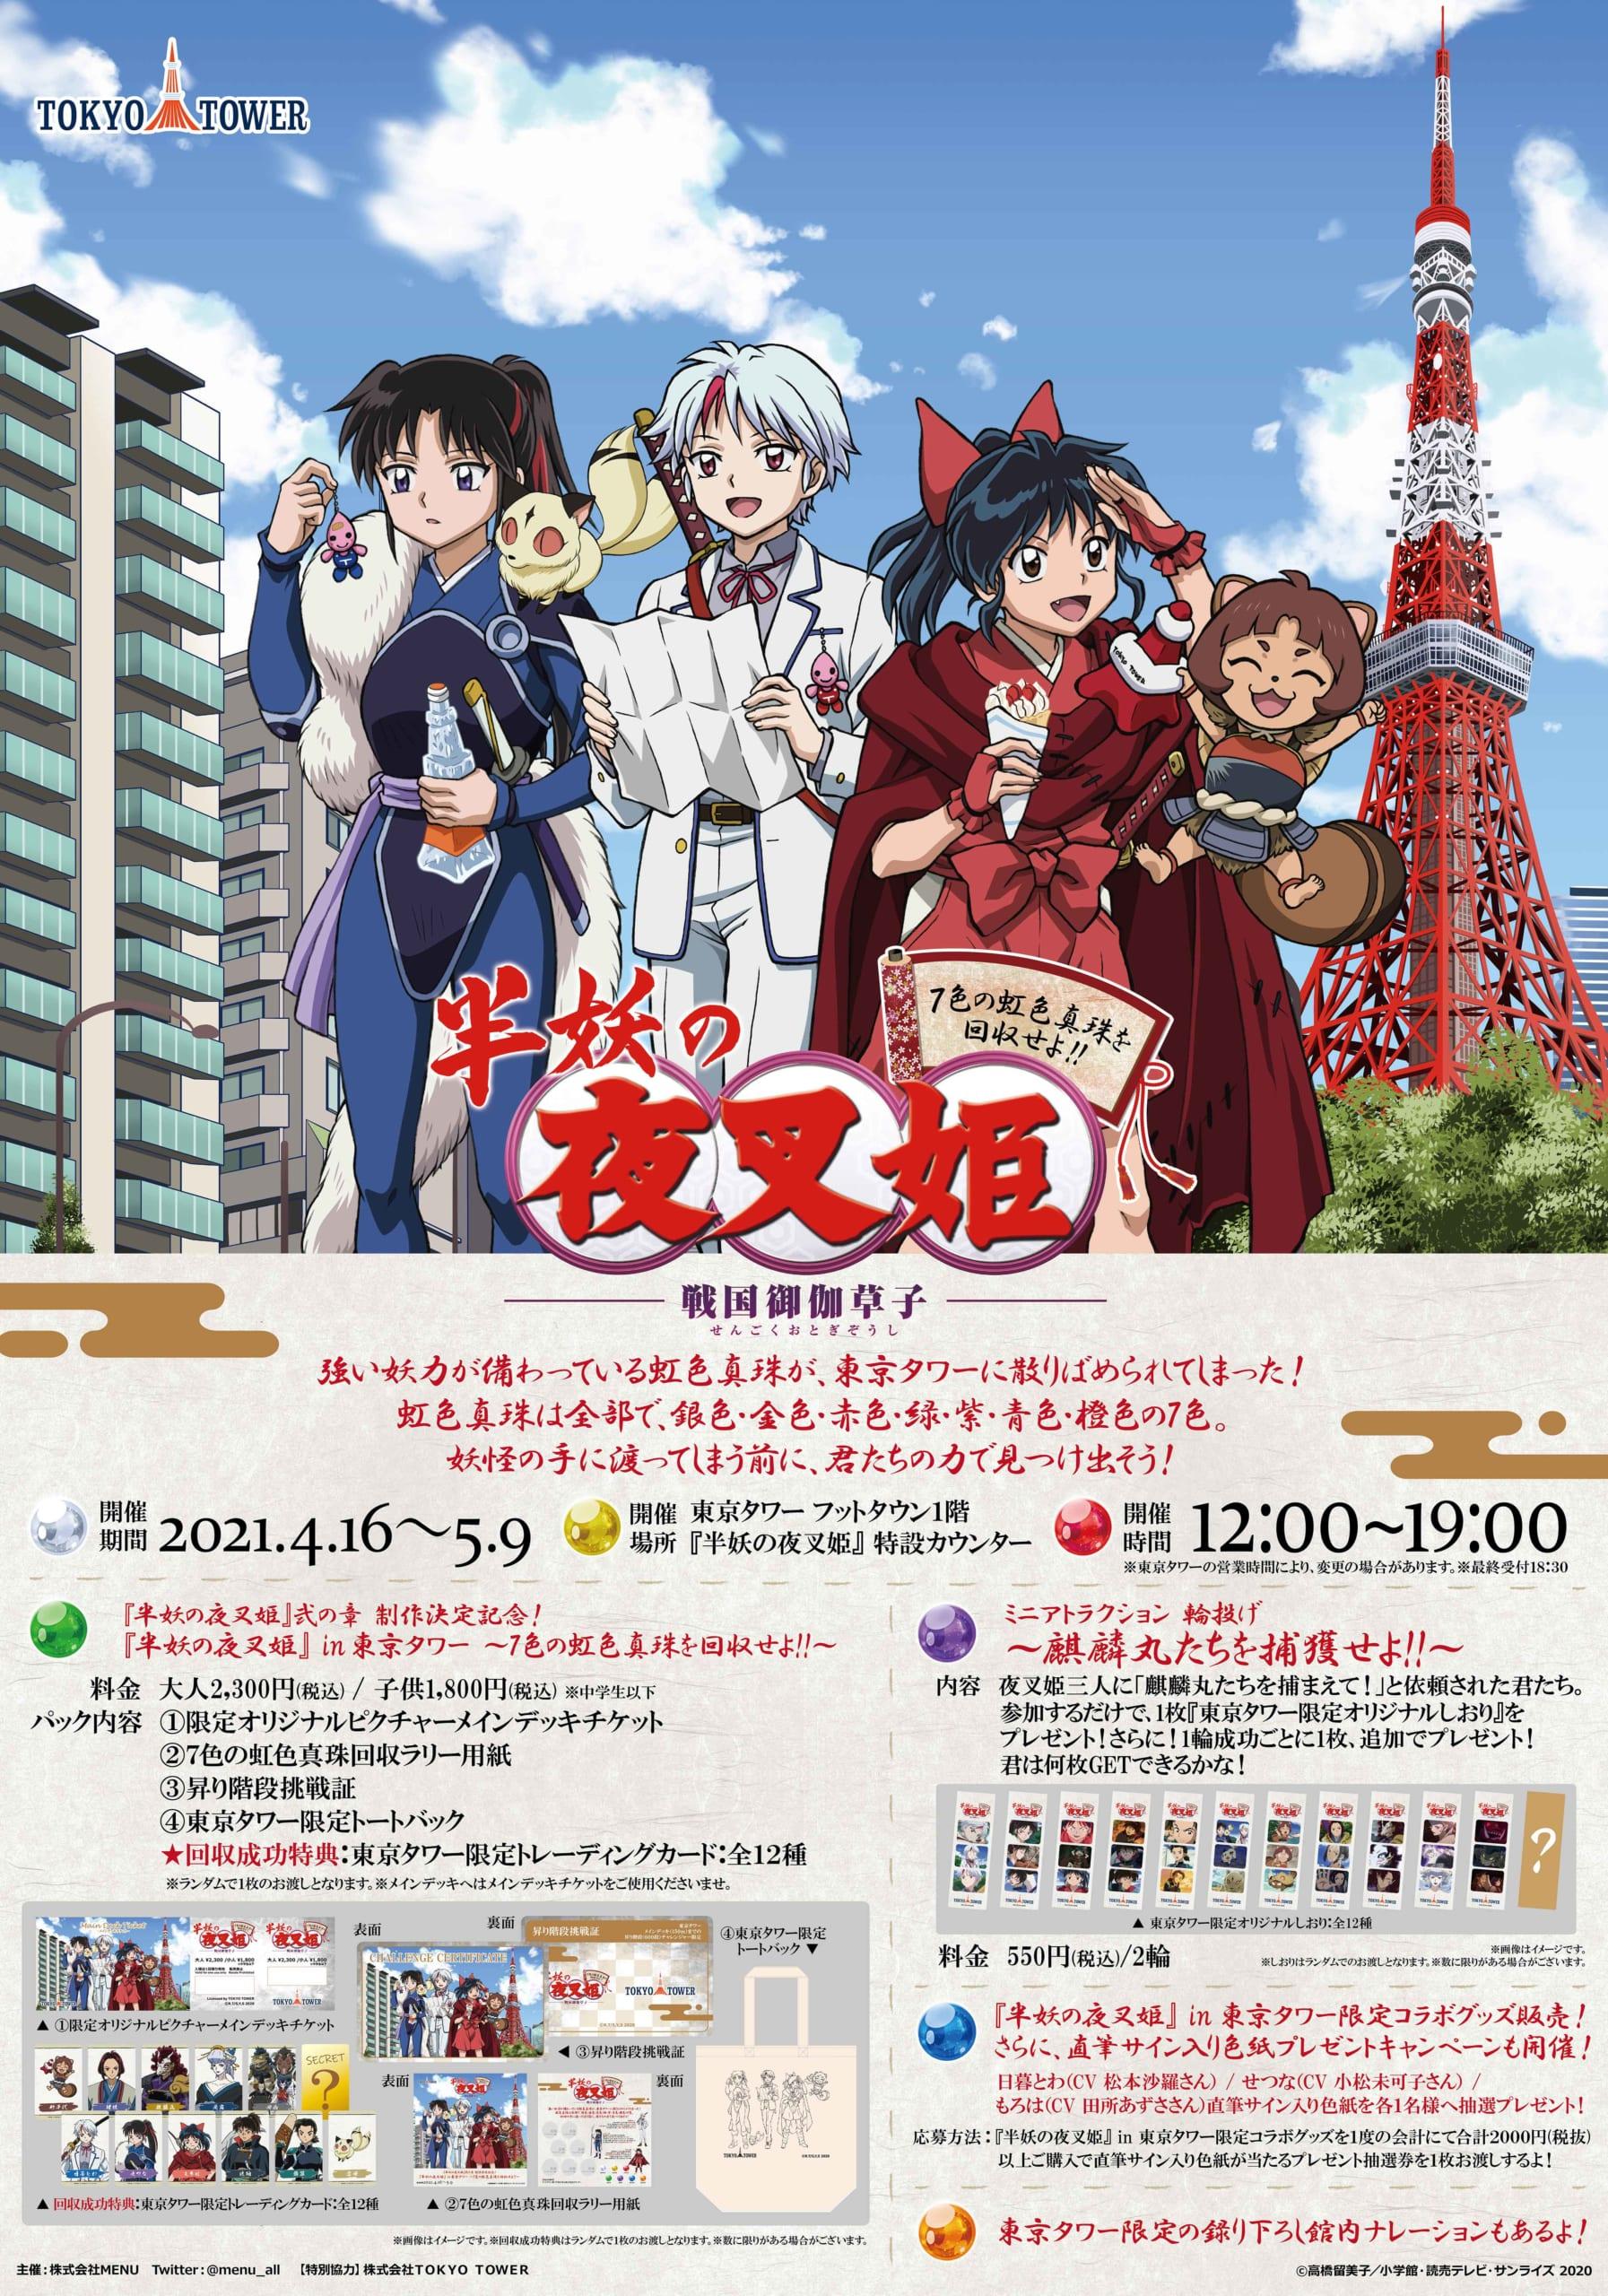 「半妖の夜叉姫」東京タワーでイベント開催!7色の虹色真珠を回収するラリー、ミニアトラクション、館内ナレーションなどを実施